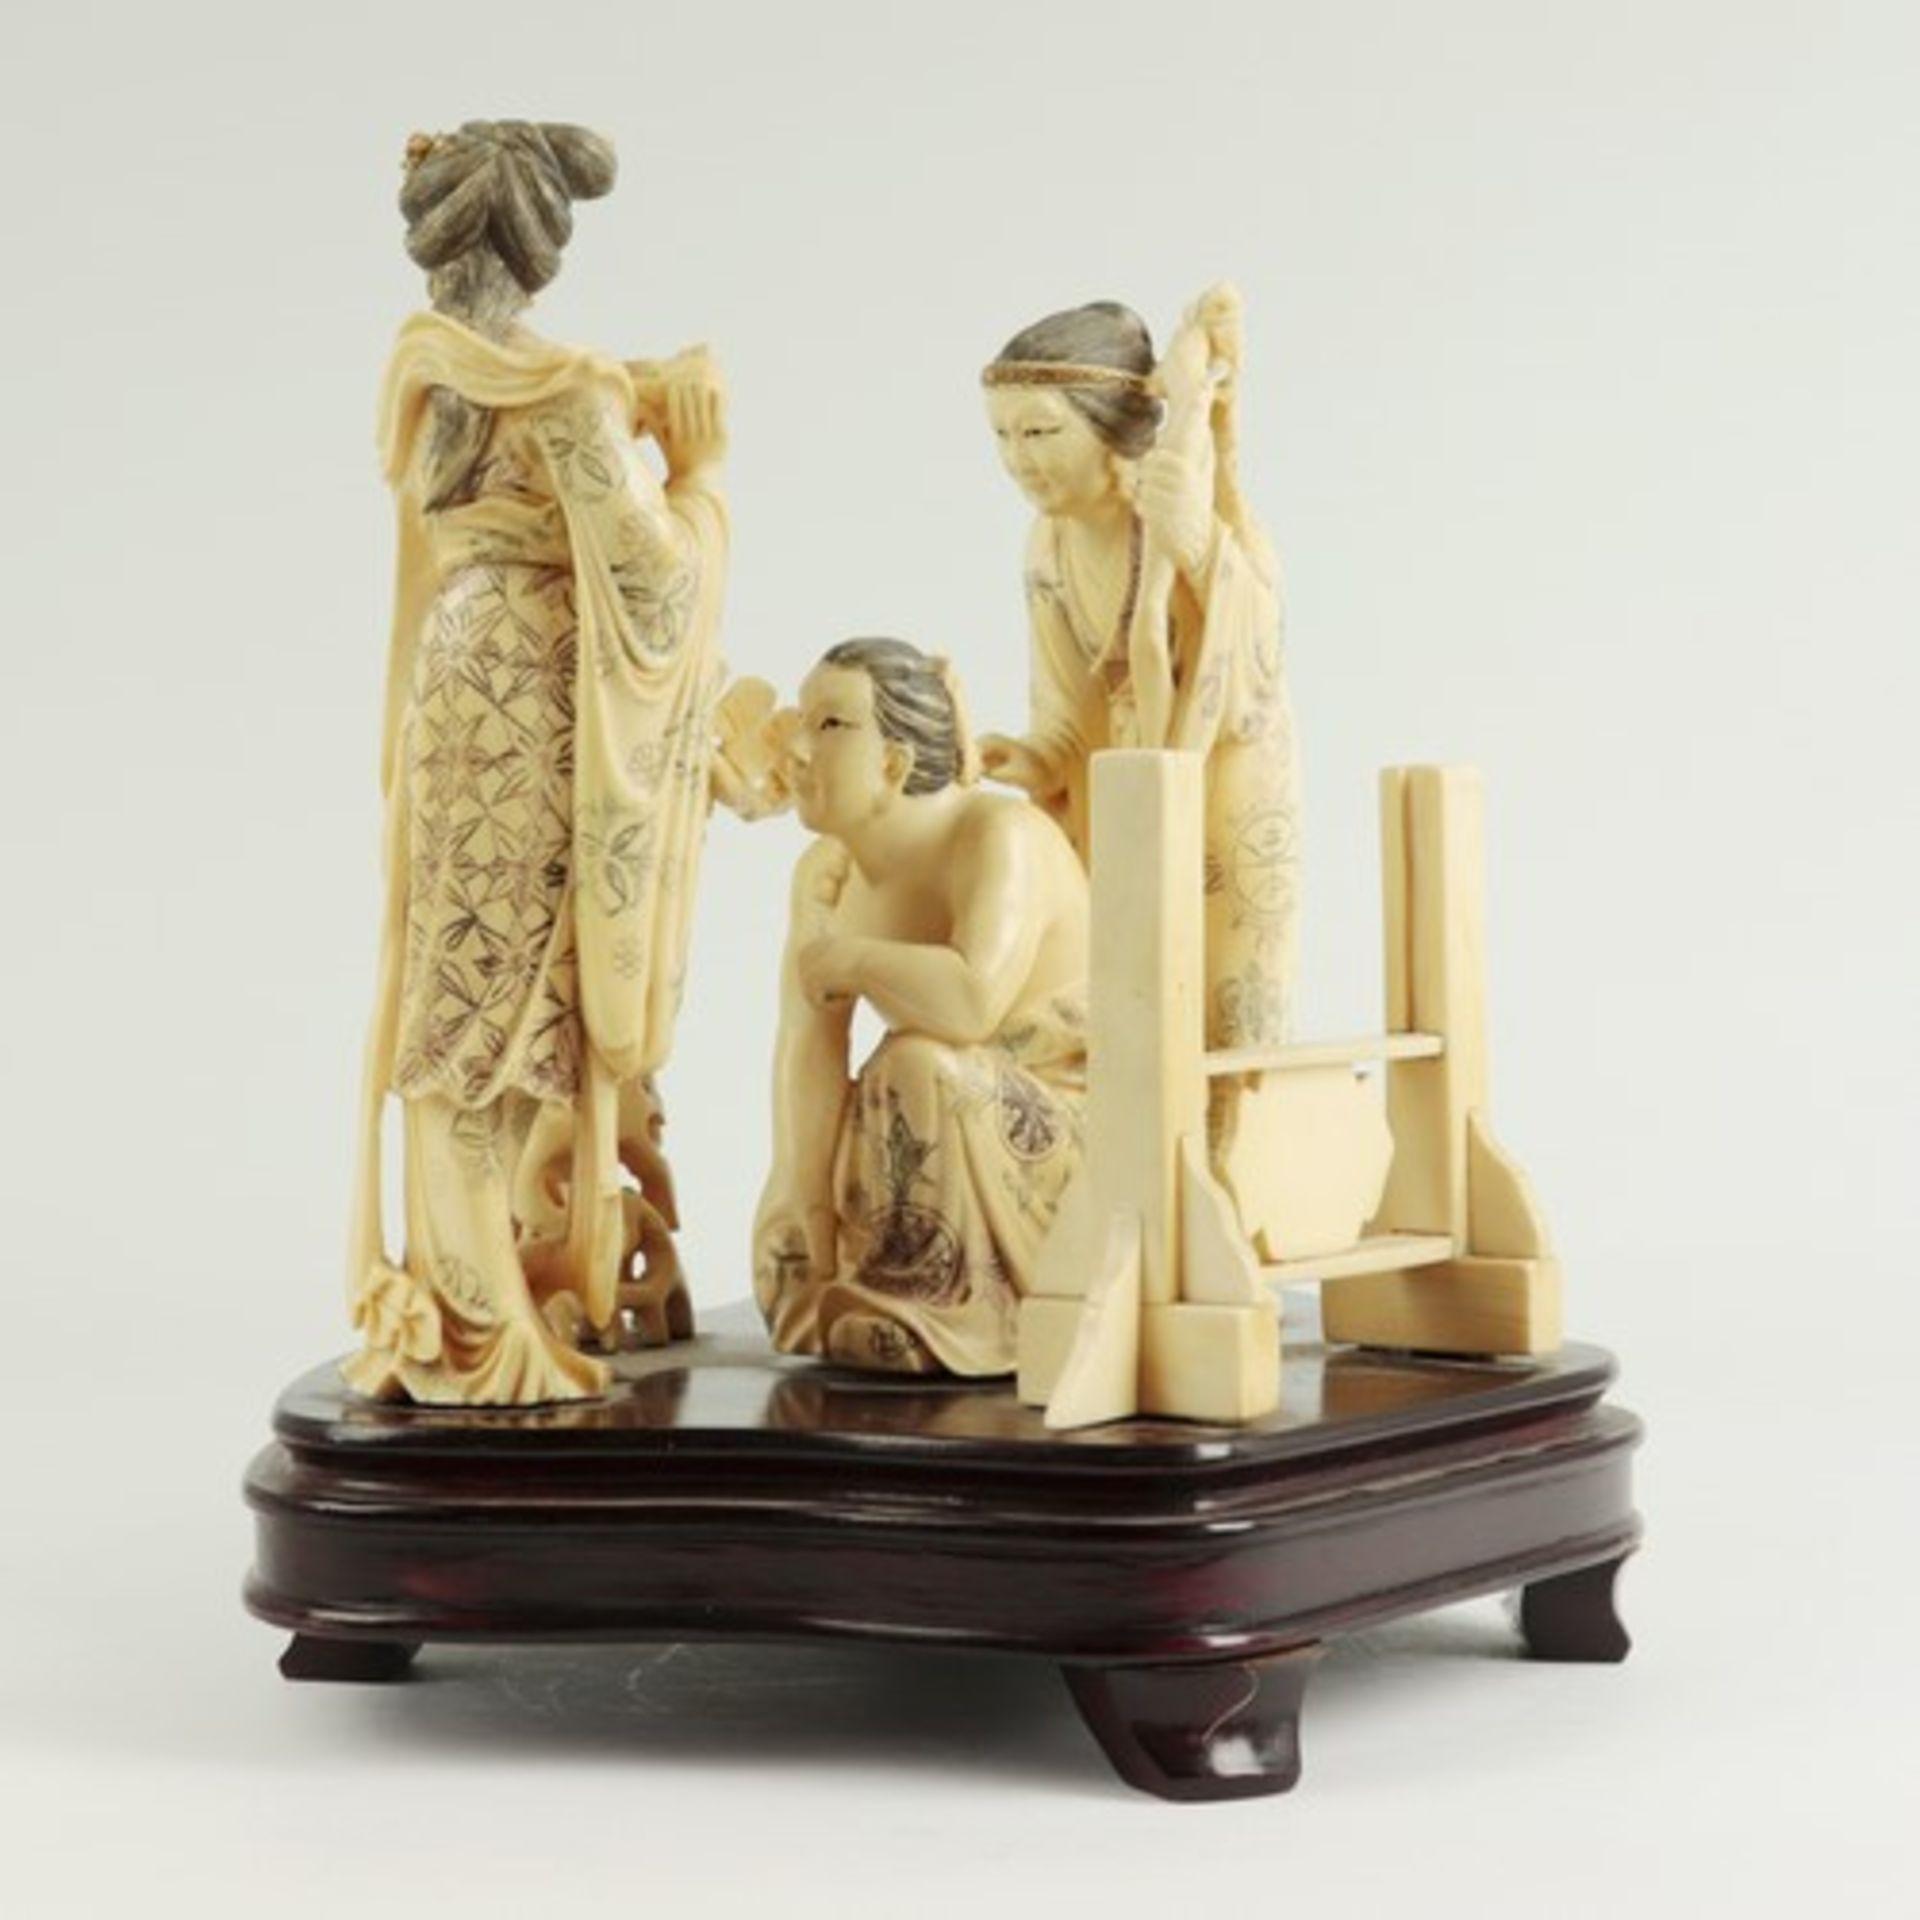 Figurengruppe - Elfenbeinschnitzereium 1900/10, auf geschwungenem, profiliertem Holzsockel, - Bild 3 aus 6